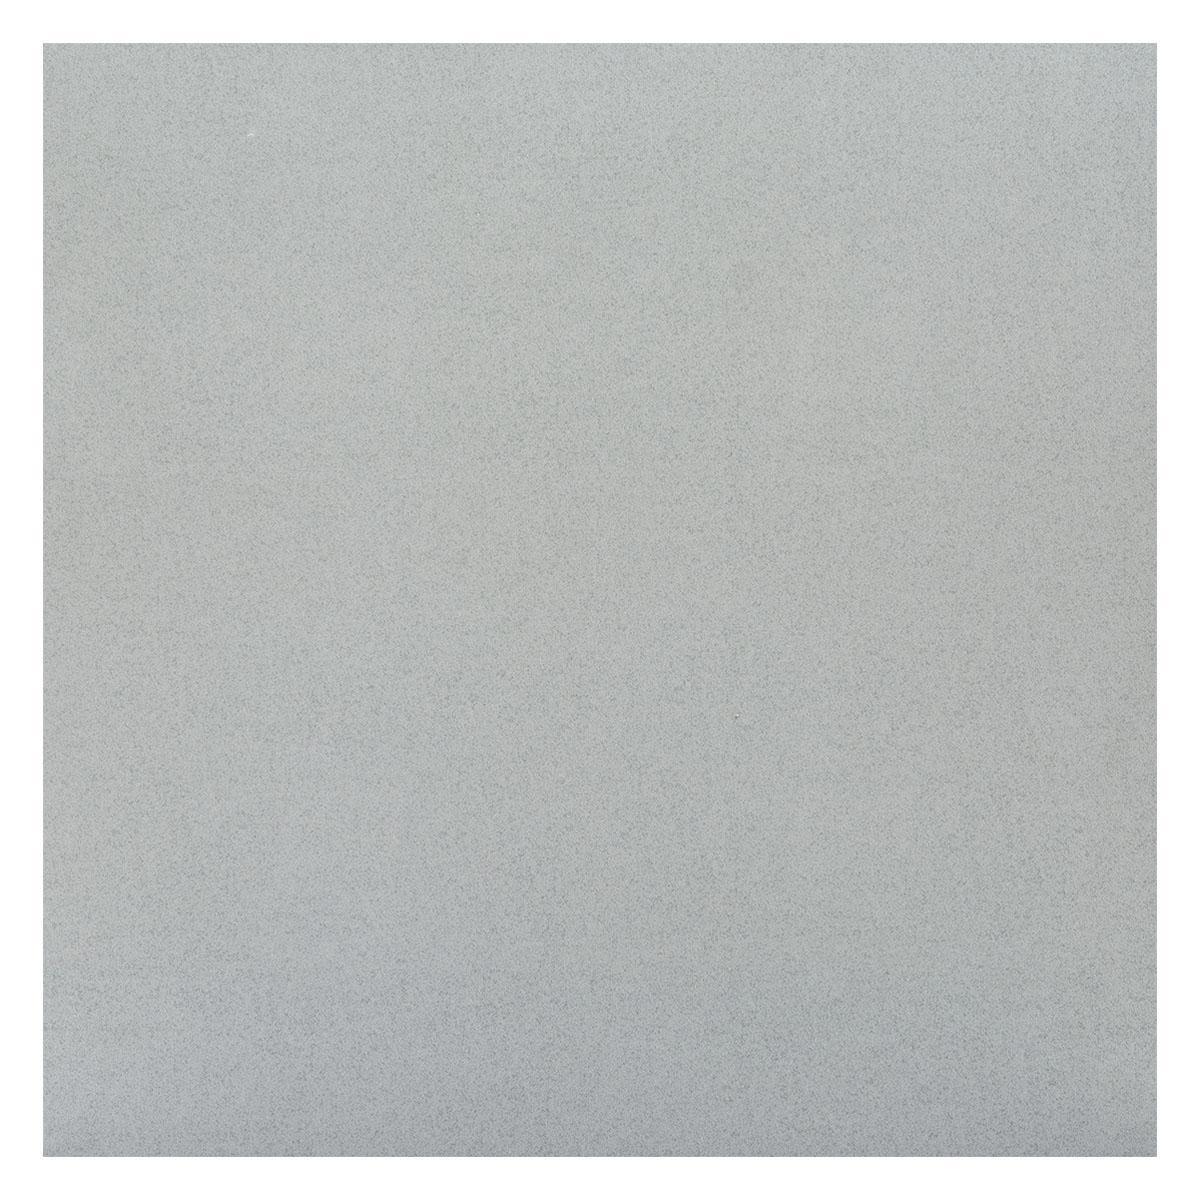 Gres Porcelánico Cemento Gris Mate - 60X60 cm - 1.44 m2